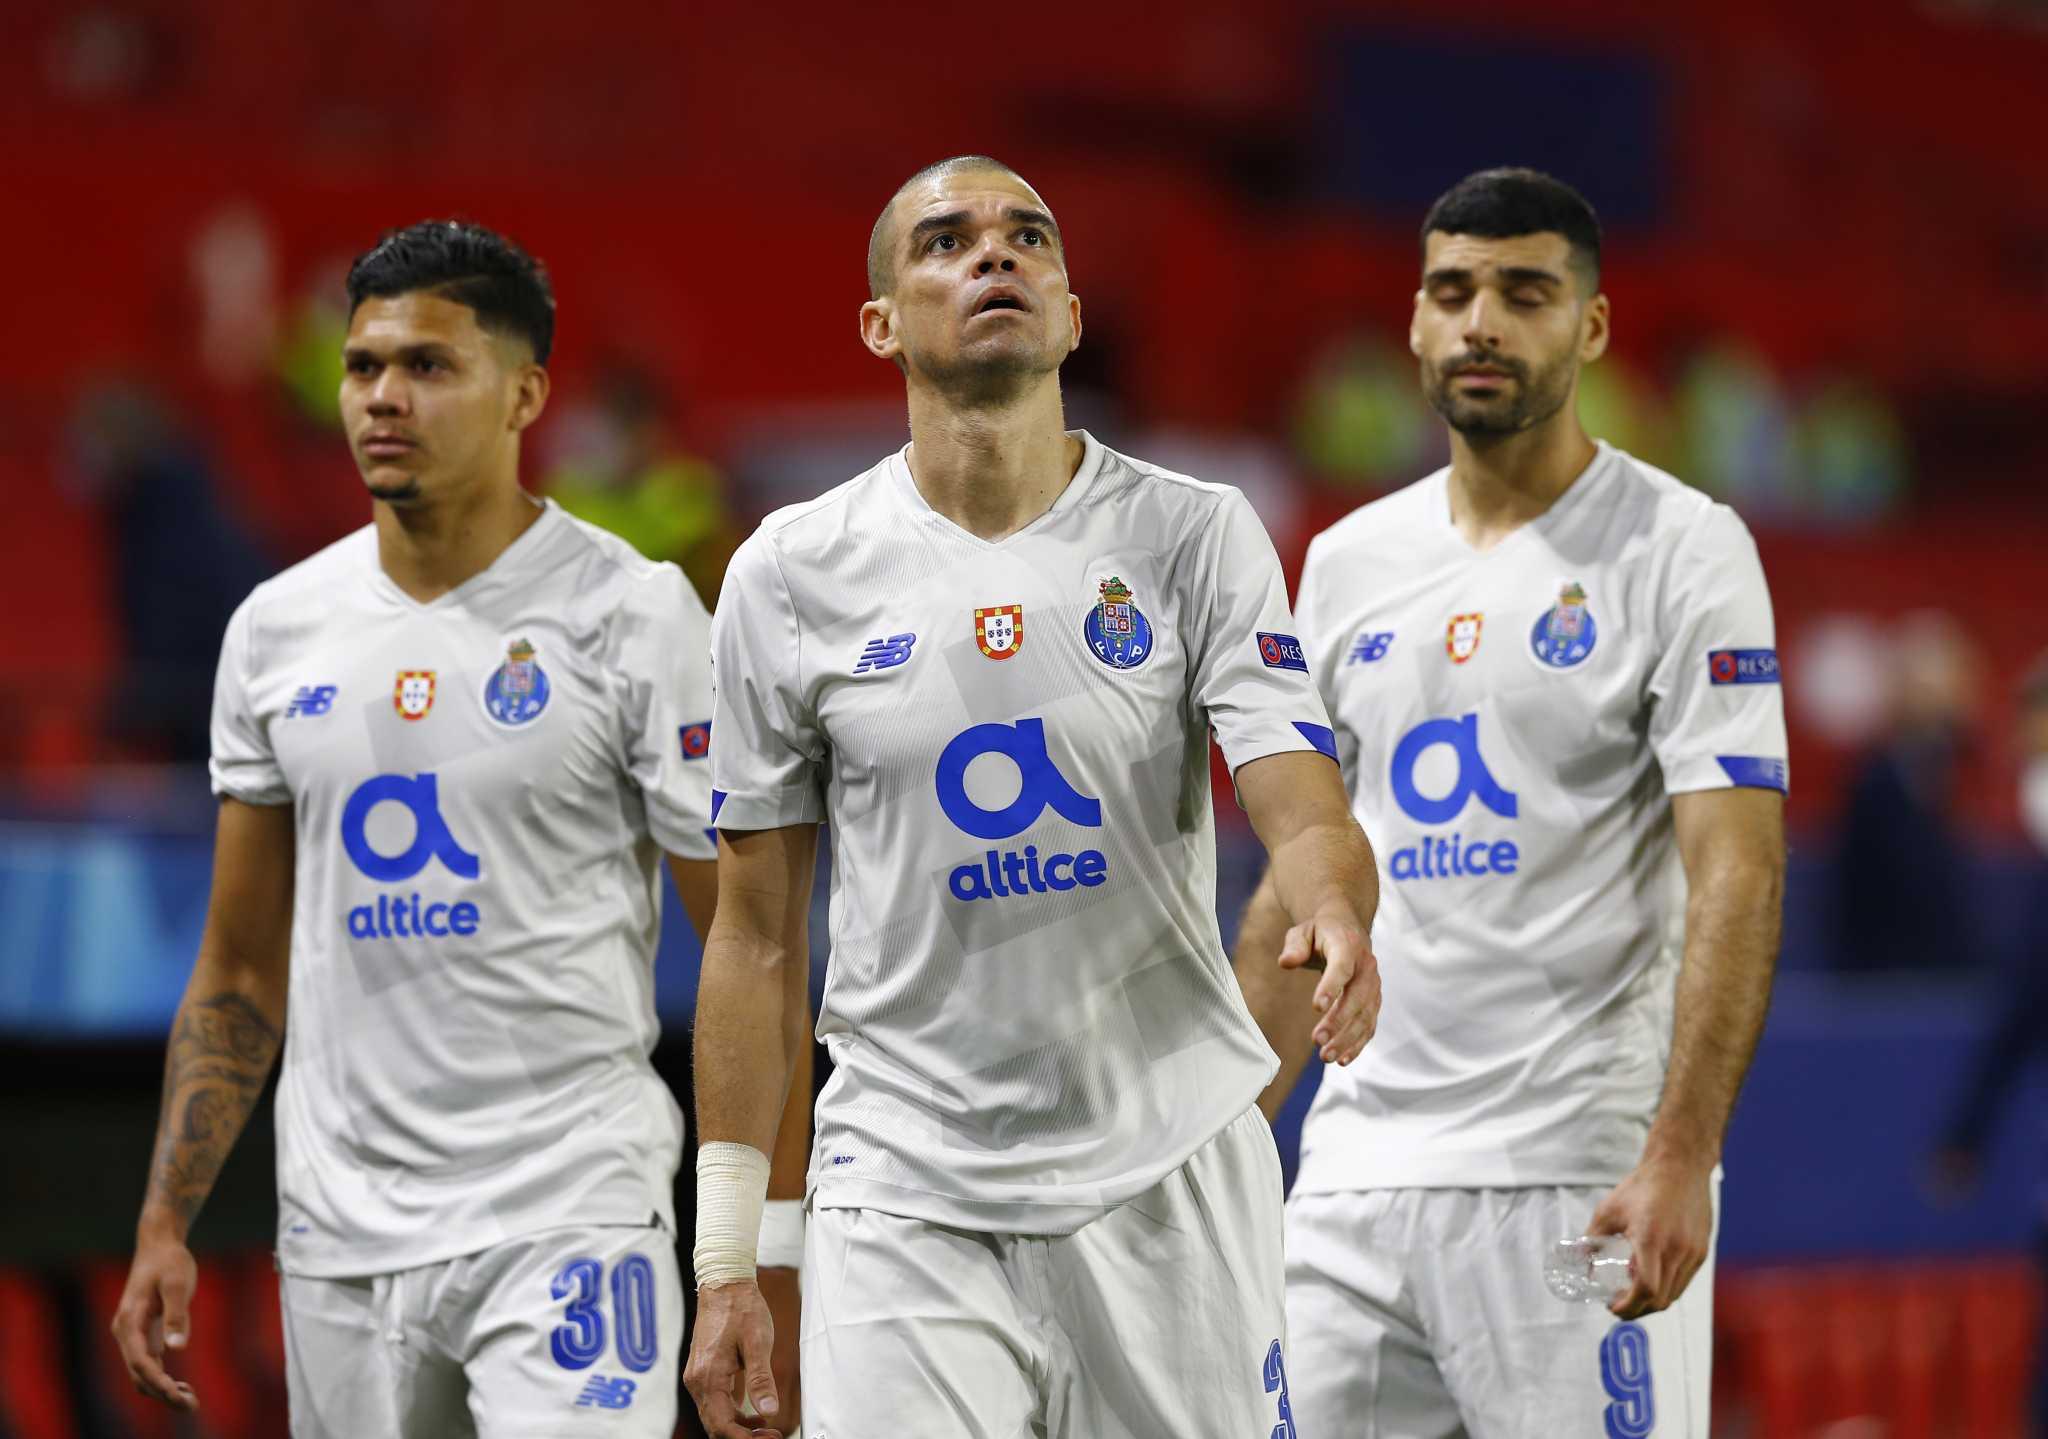 Δύο ακόμη «όχι» στη European Super League